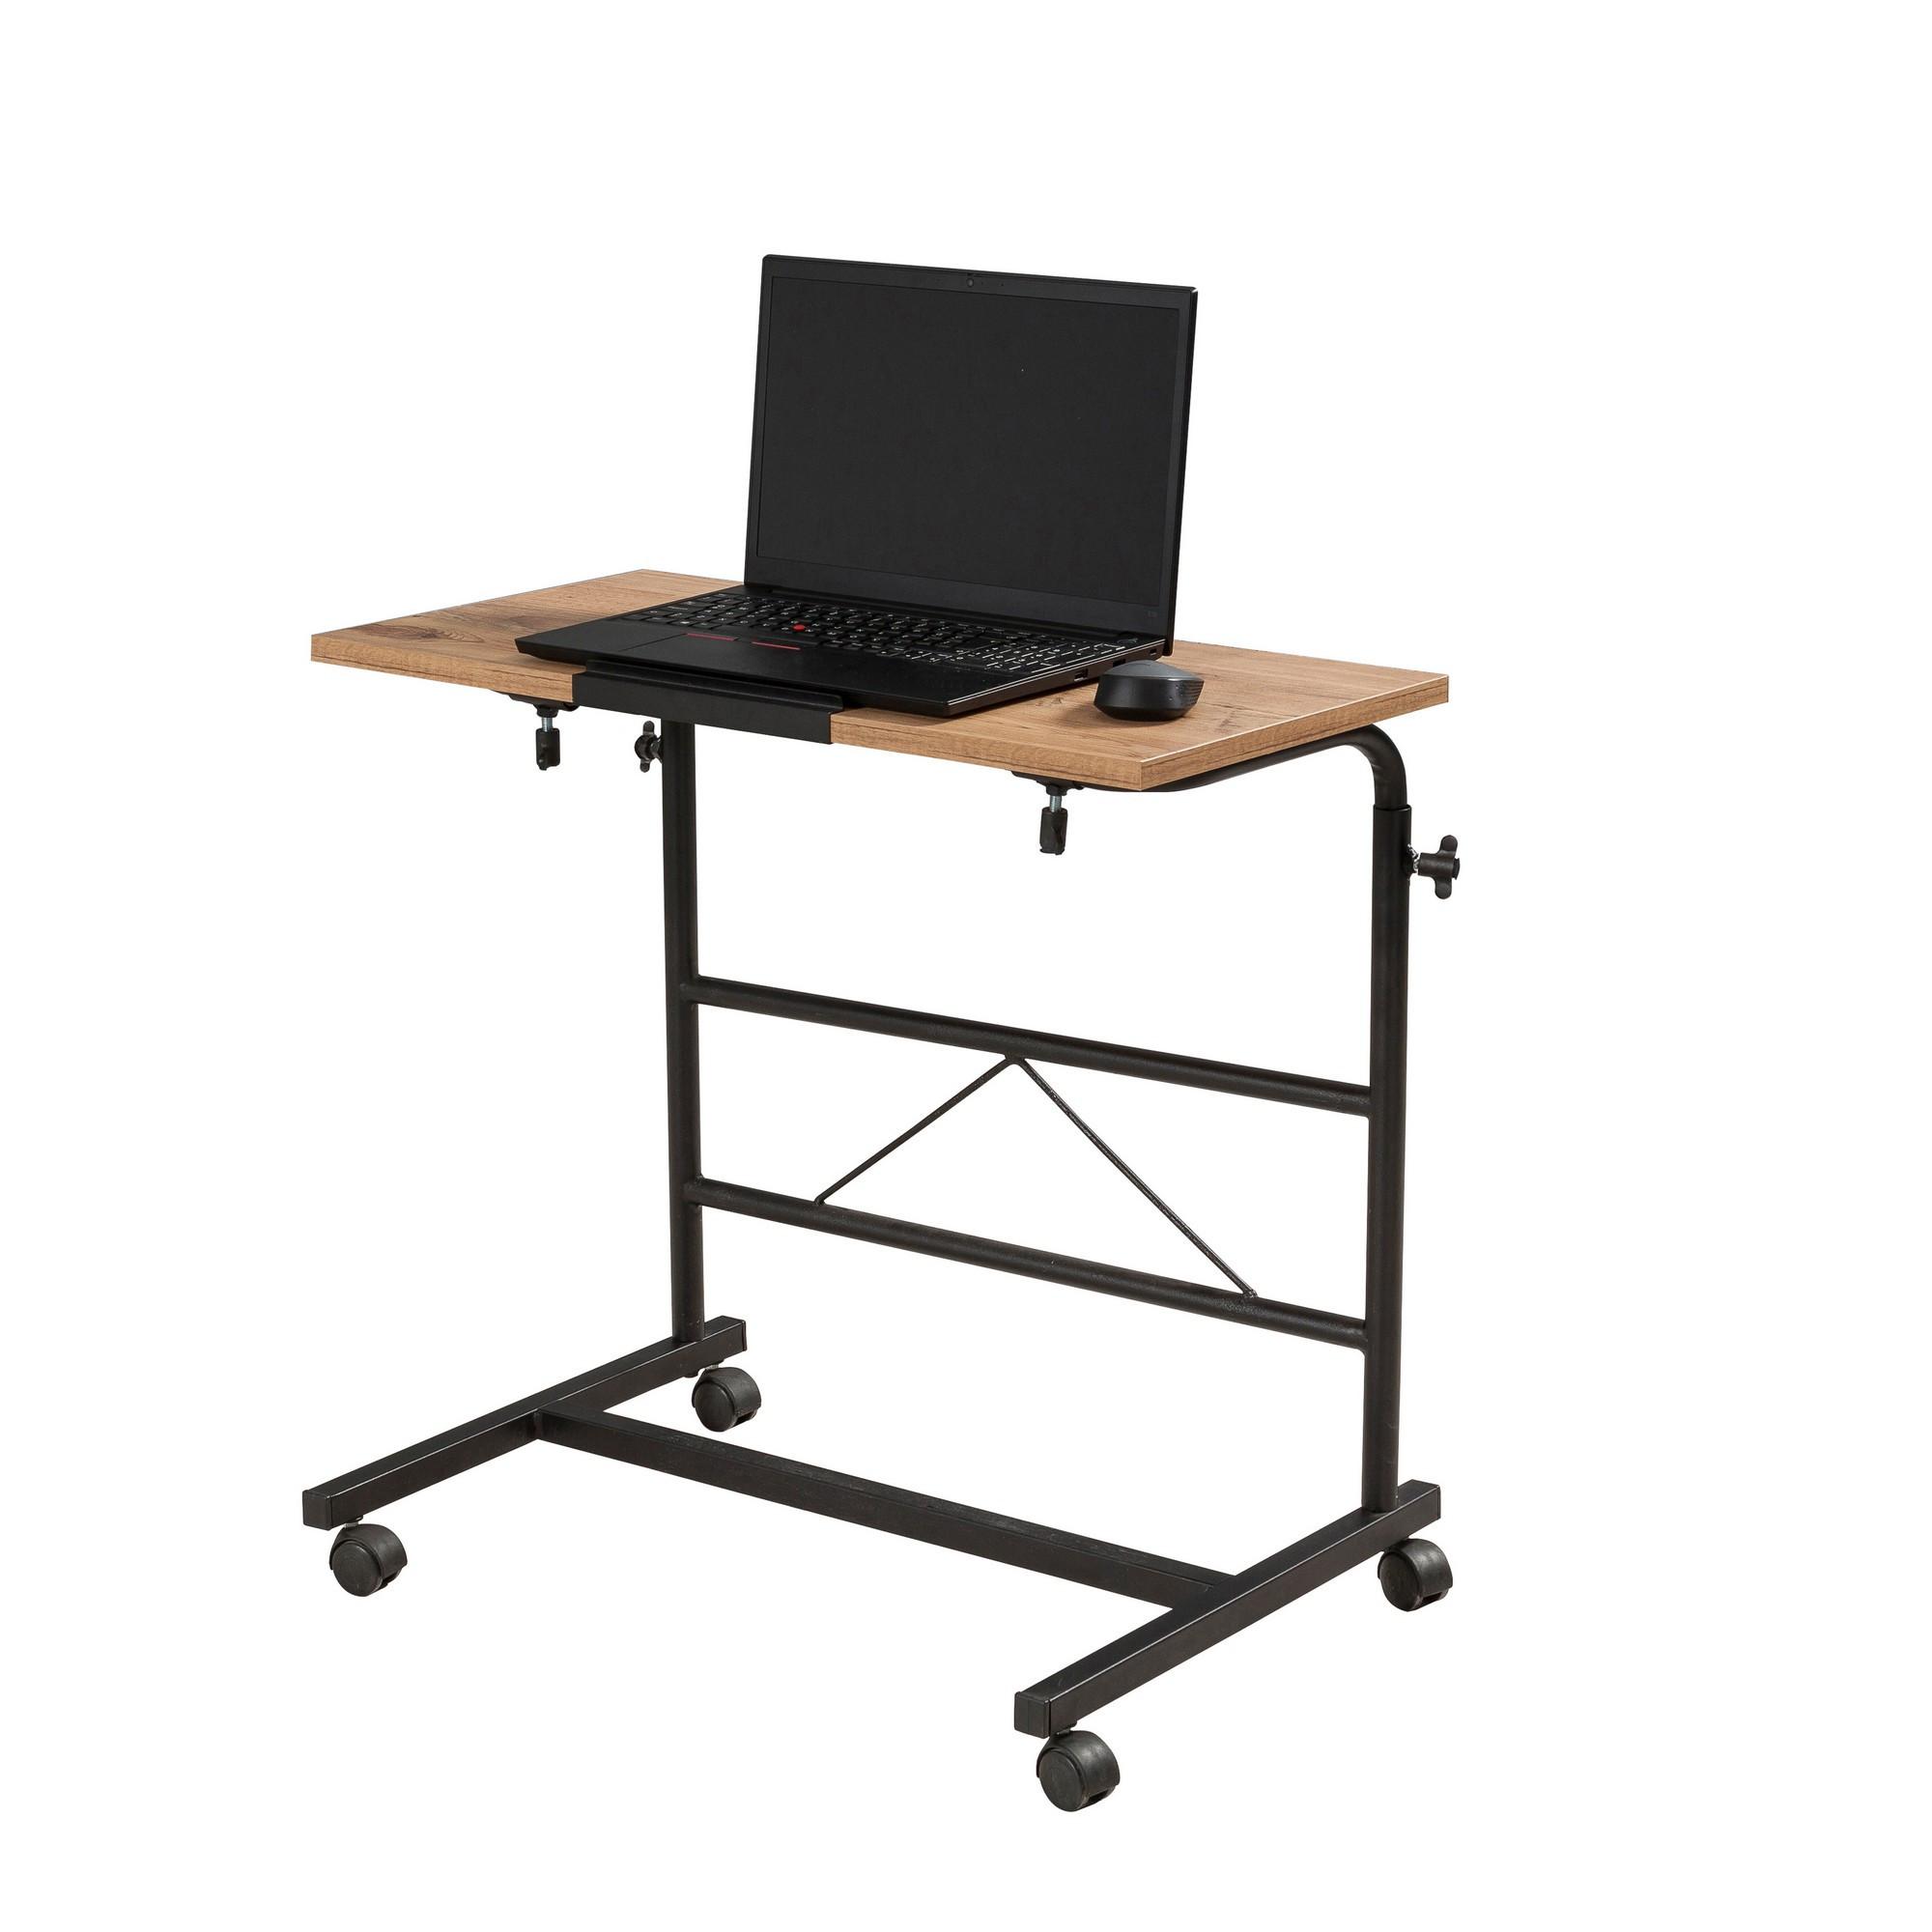 Verstellbarer Laptop-Stehtisch Aris   Black Pine